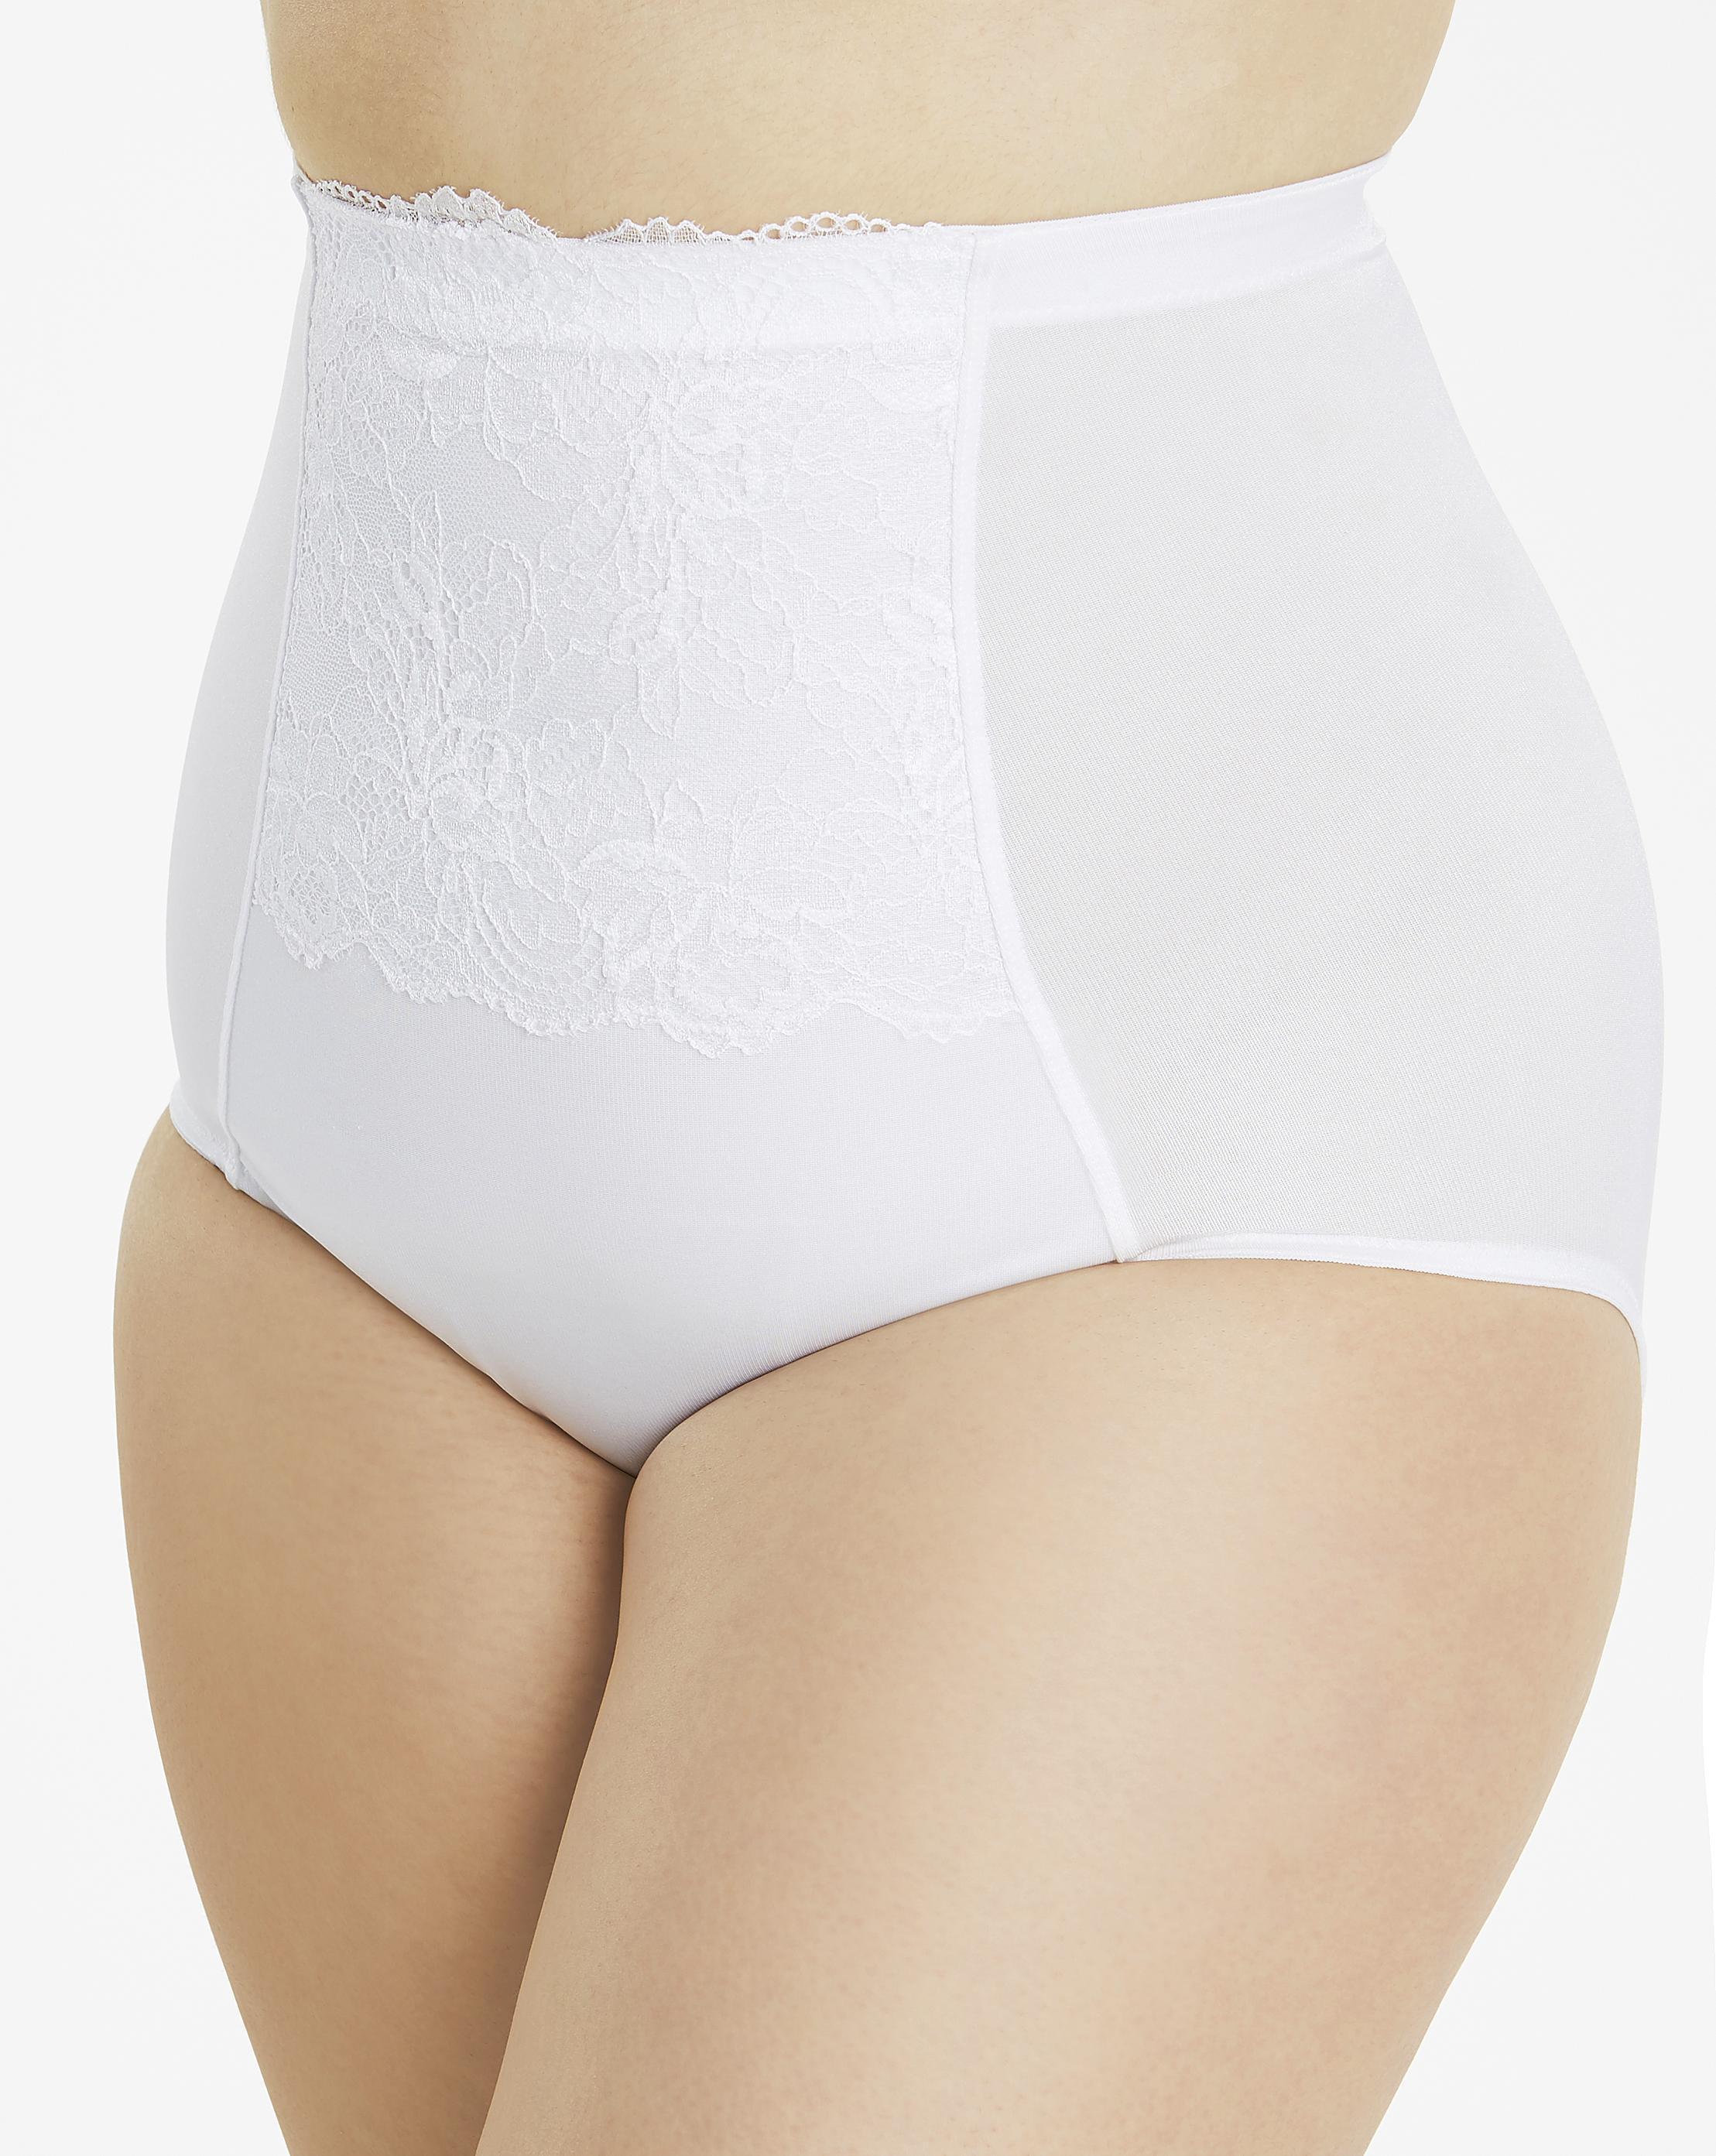 25a09e2ce09 Simply Be. Women s White Magisculpt Ella Lace Firm Control Waist Nipper